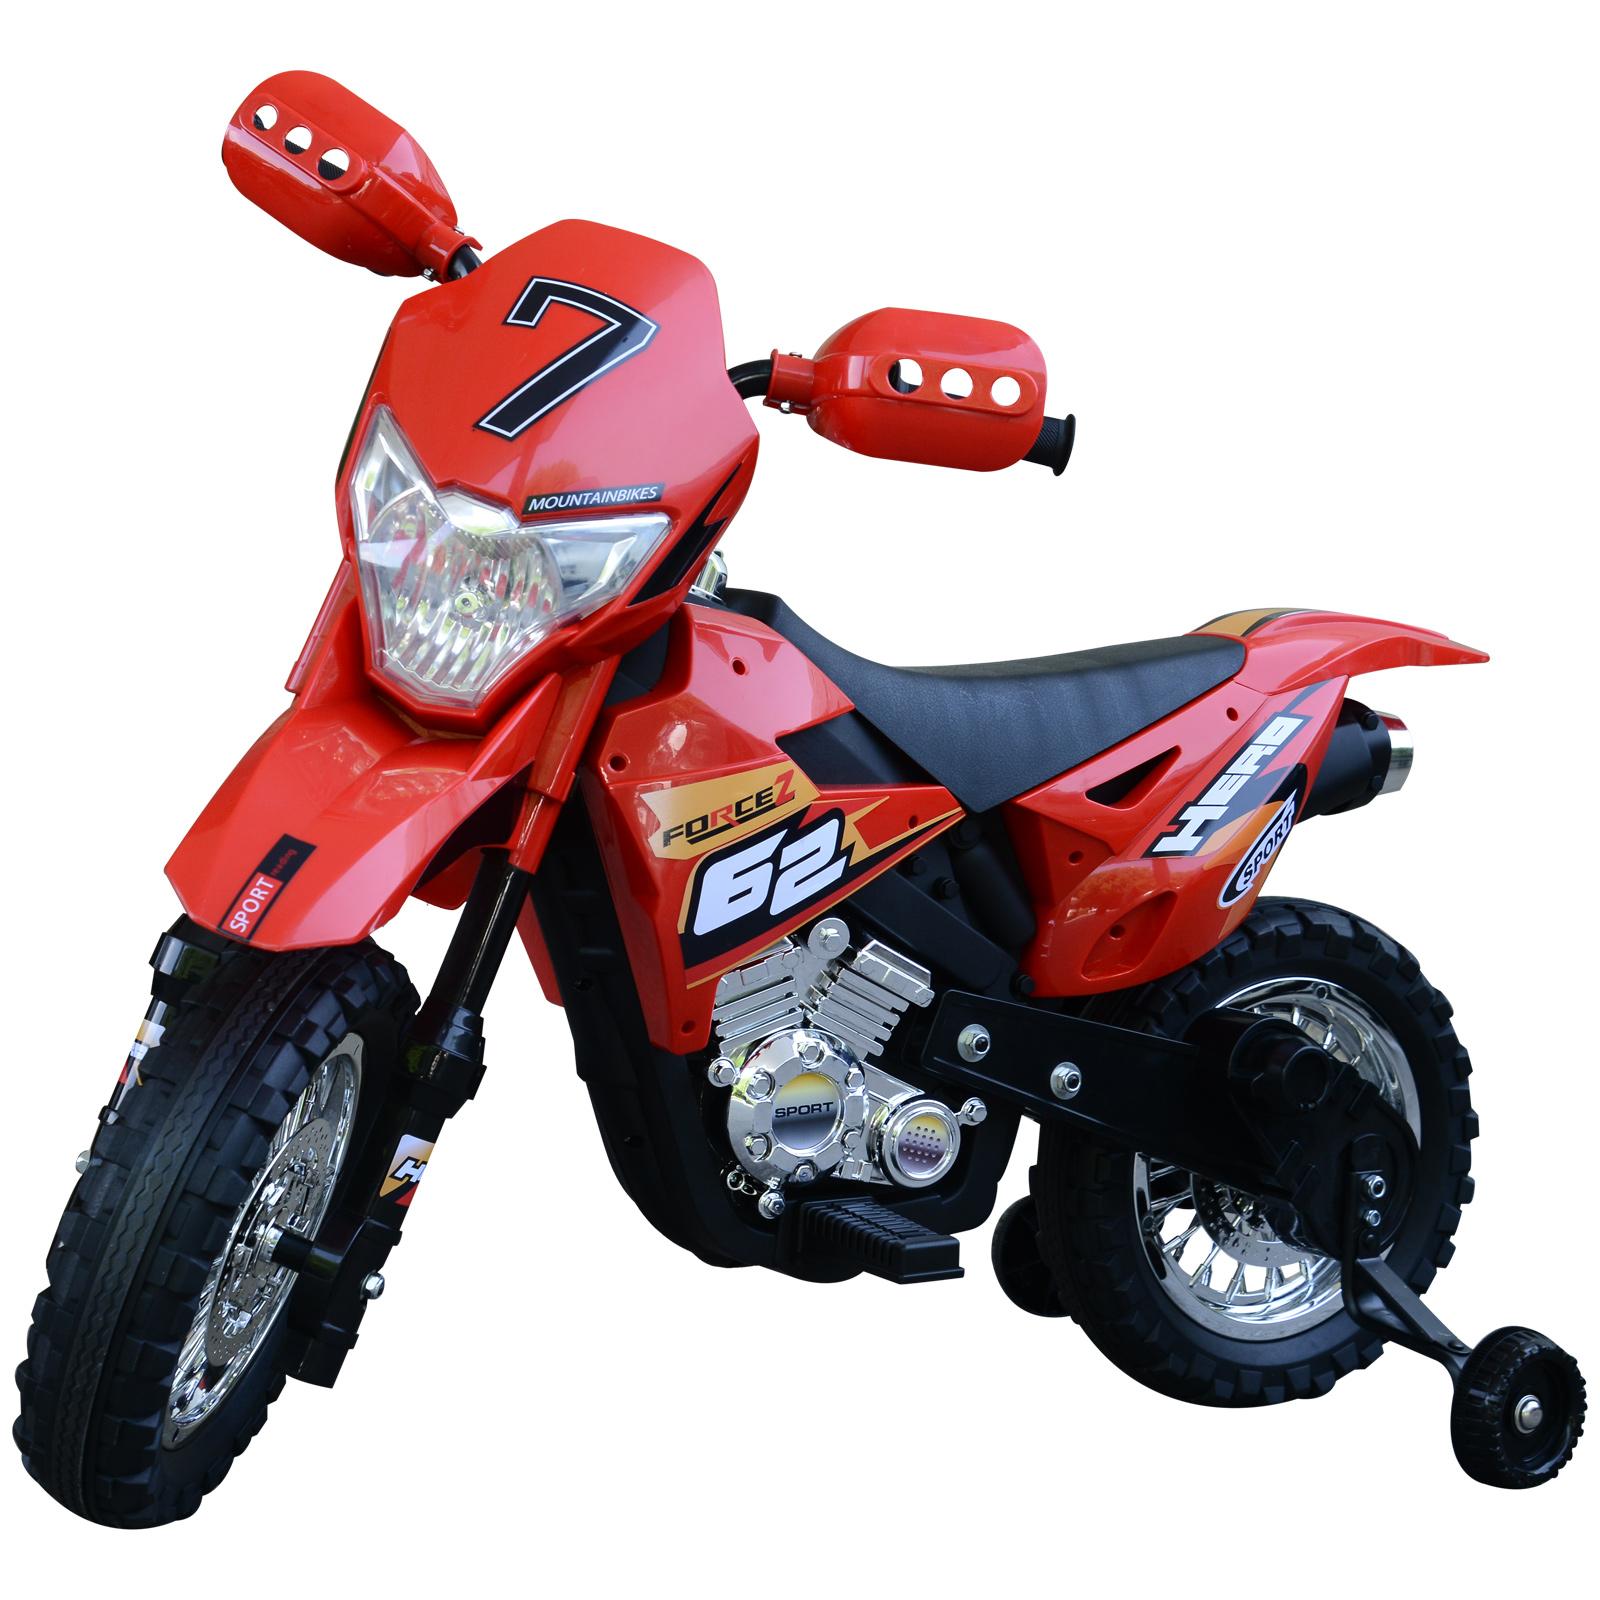 Homcom Motoreta MotoCross Electrica pentru Copii, Rosu, 107x53x70cm imagine aosom.ro